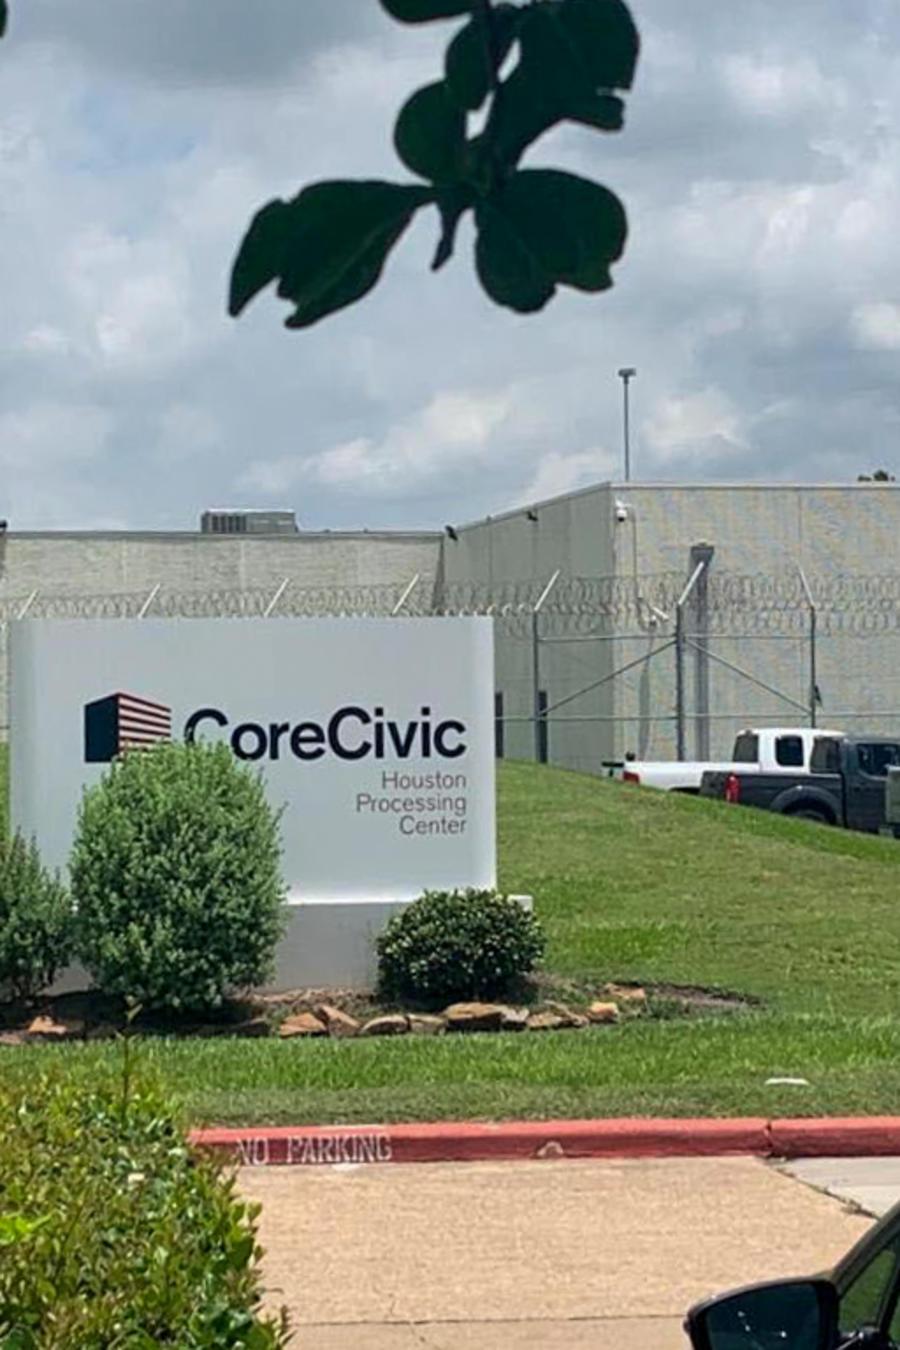 Las afueras del centro de detención migratoria de Houston, Texas, donde Jane Doe estuvo retenida en 2018.